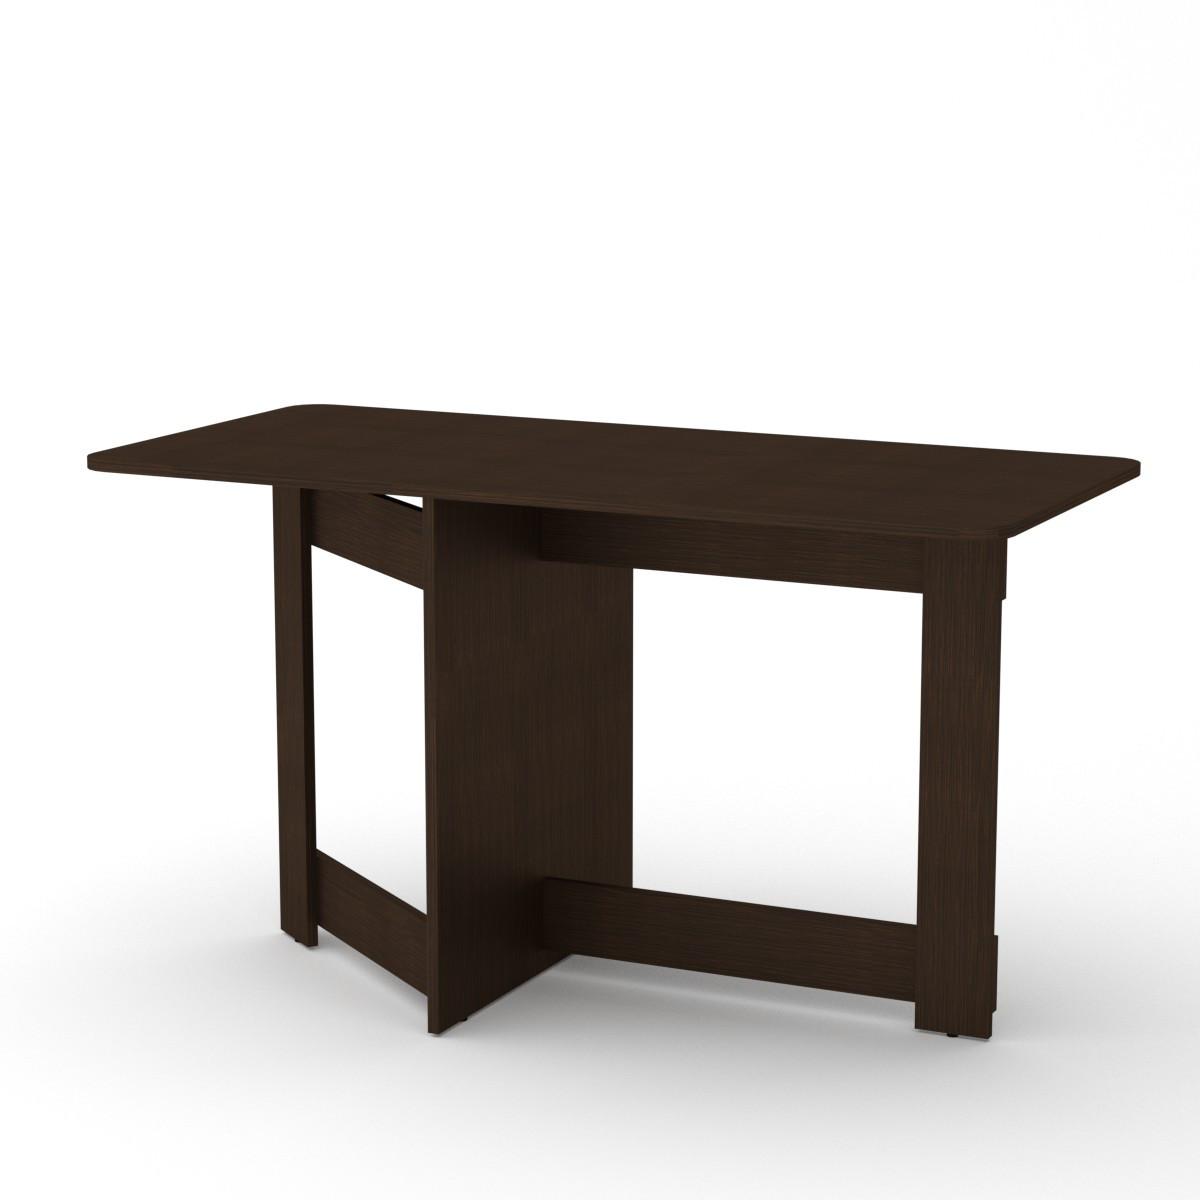 Стол книжка 6 венге темный Компанит (128х60х72 см)